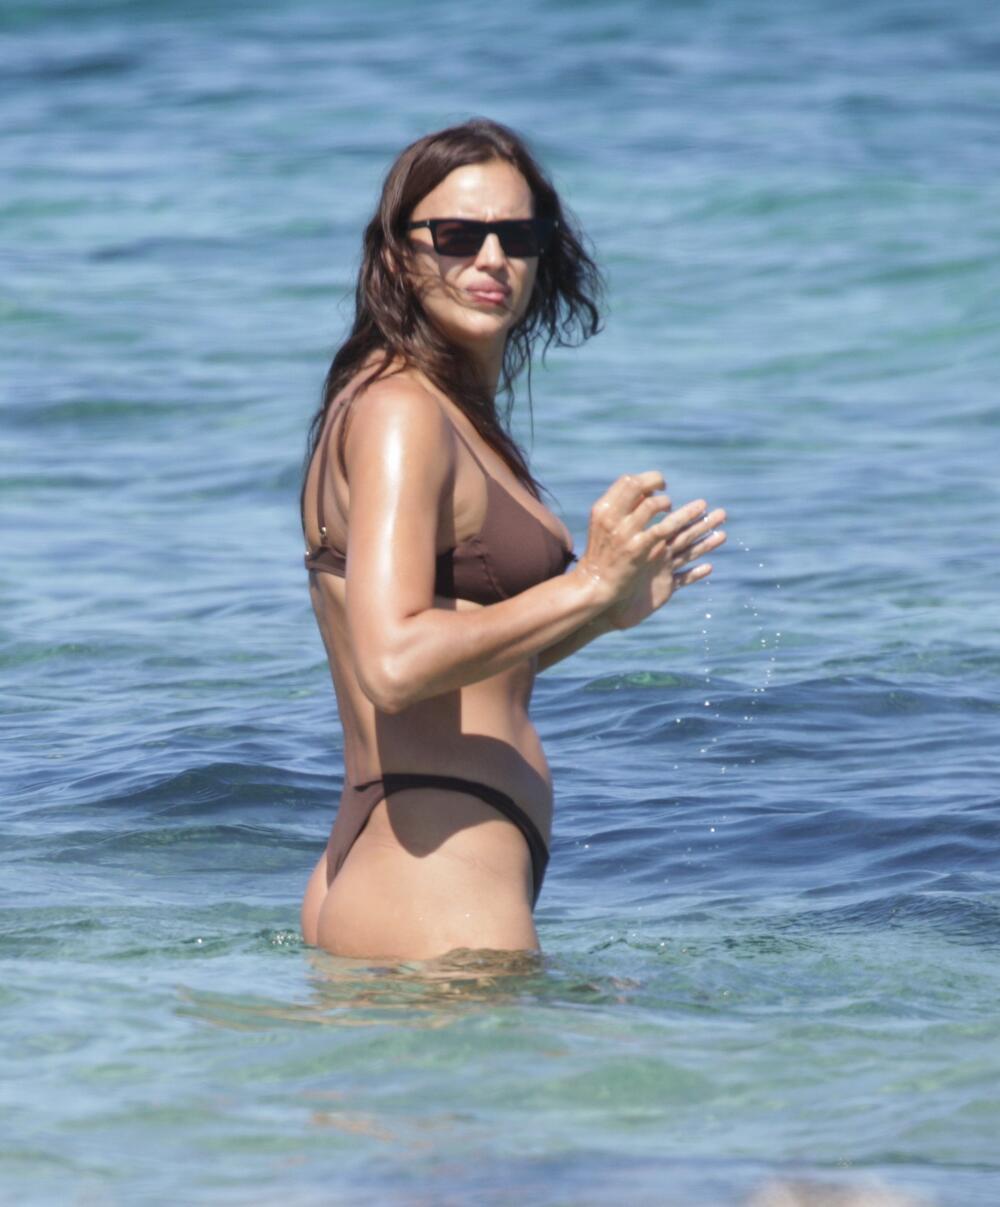 <p>Ruska manekenka jedna je od najpoželjnijih žena današnjice i teško da bilo ko može da joj prigovori nešto na račun izgleda... ili je makar tako bilo do juče, kada su se pojavile njene fotografije s plaže.</p>